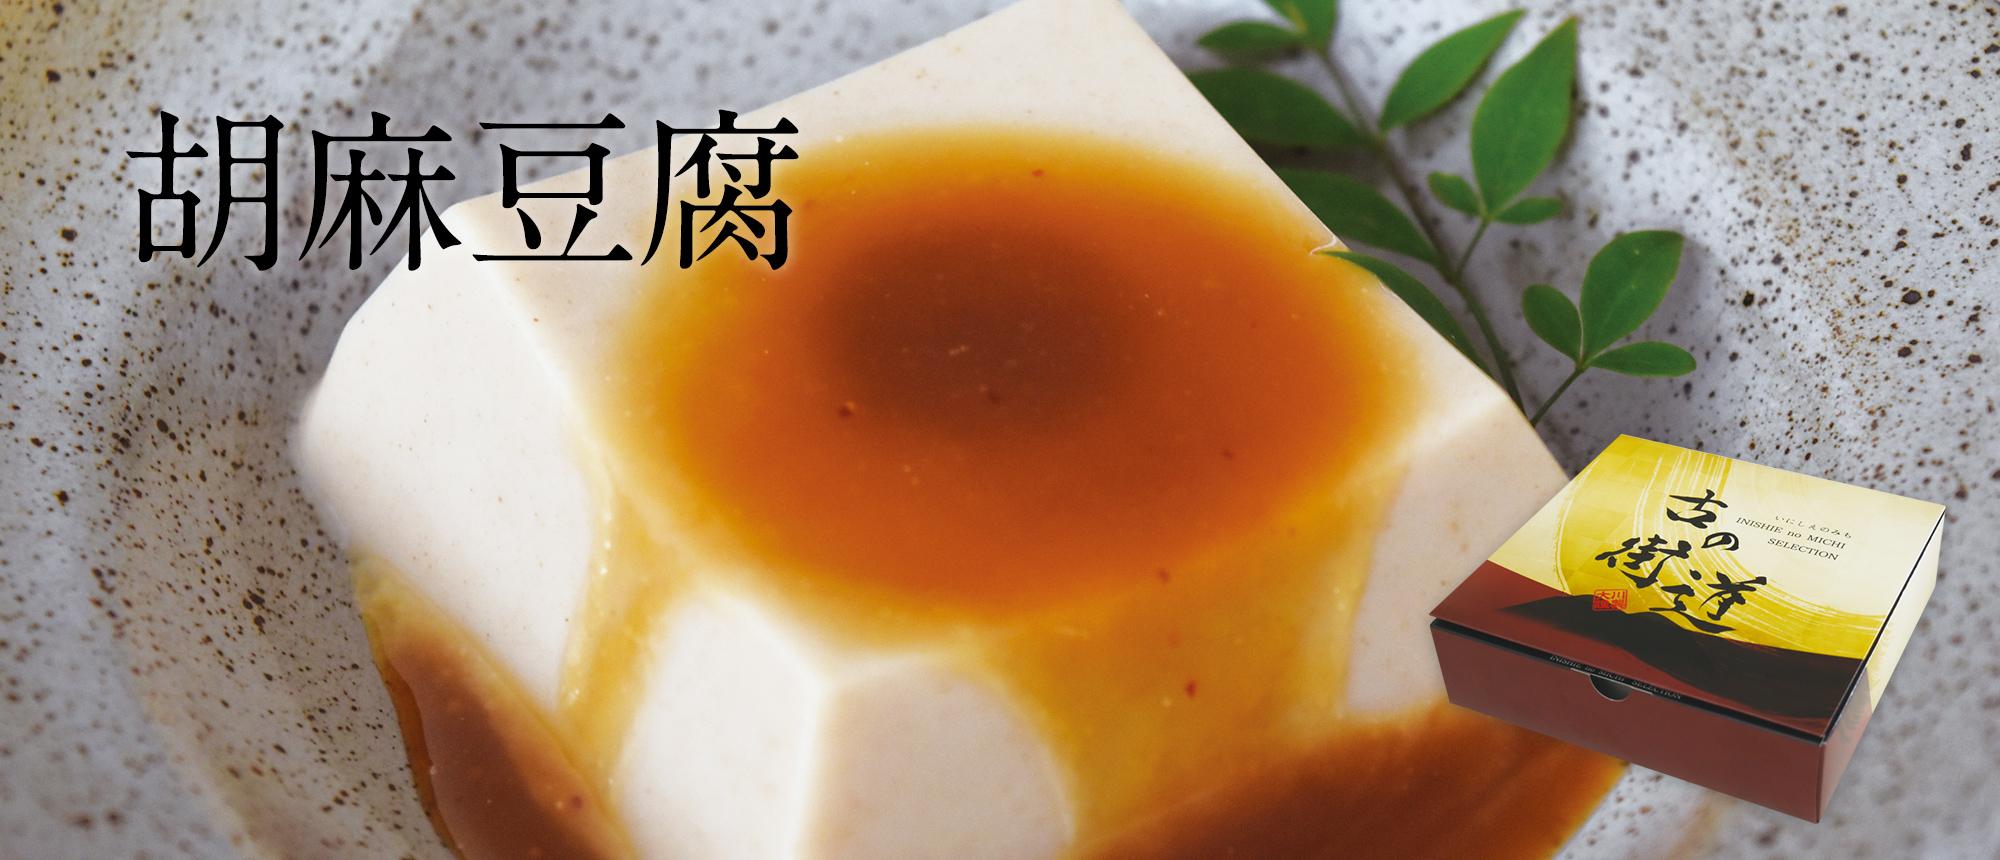 ごま豆腐 4個入